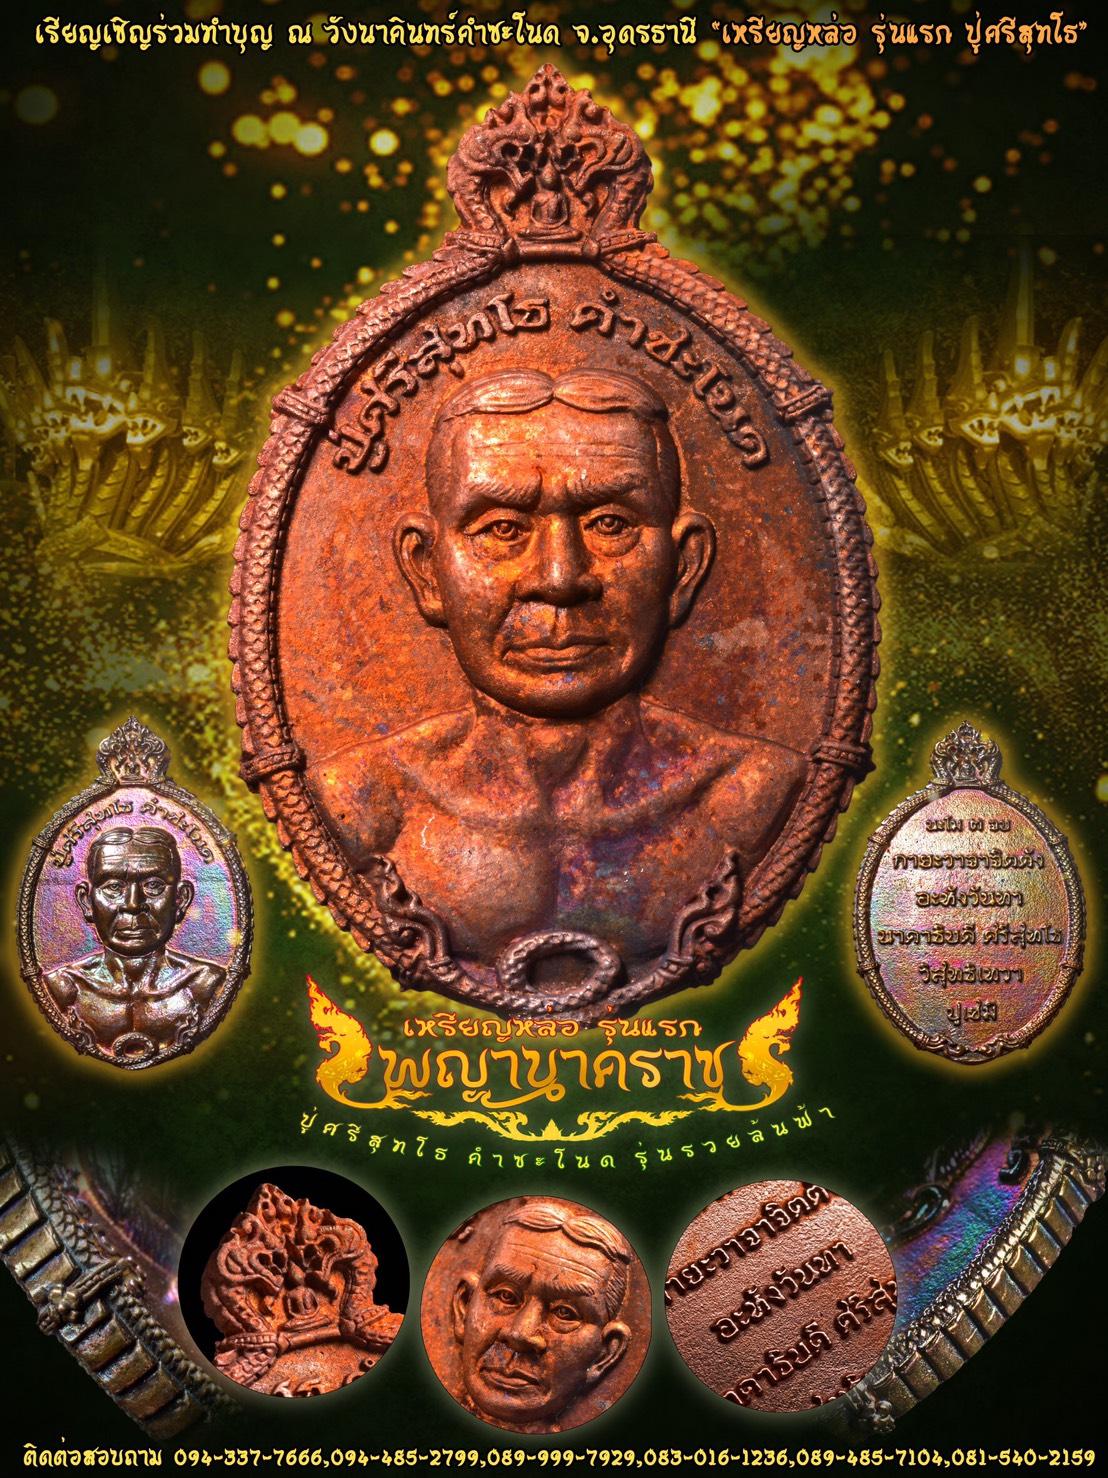 รุ่น เหรียญหล่อพญานาคราช รวยล้นฟ้า เจ้าปู่ศรีสุทโธ วัดป่าคำชะโนด